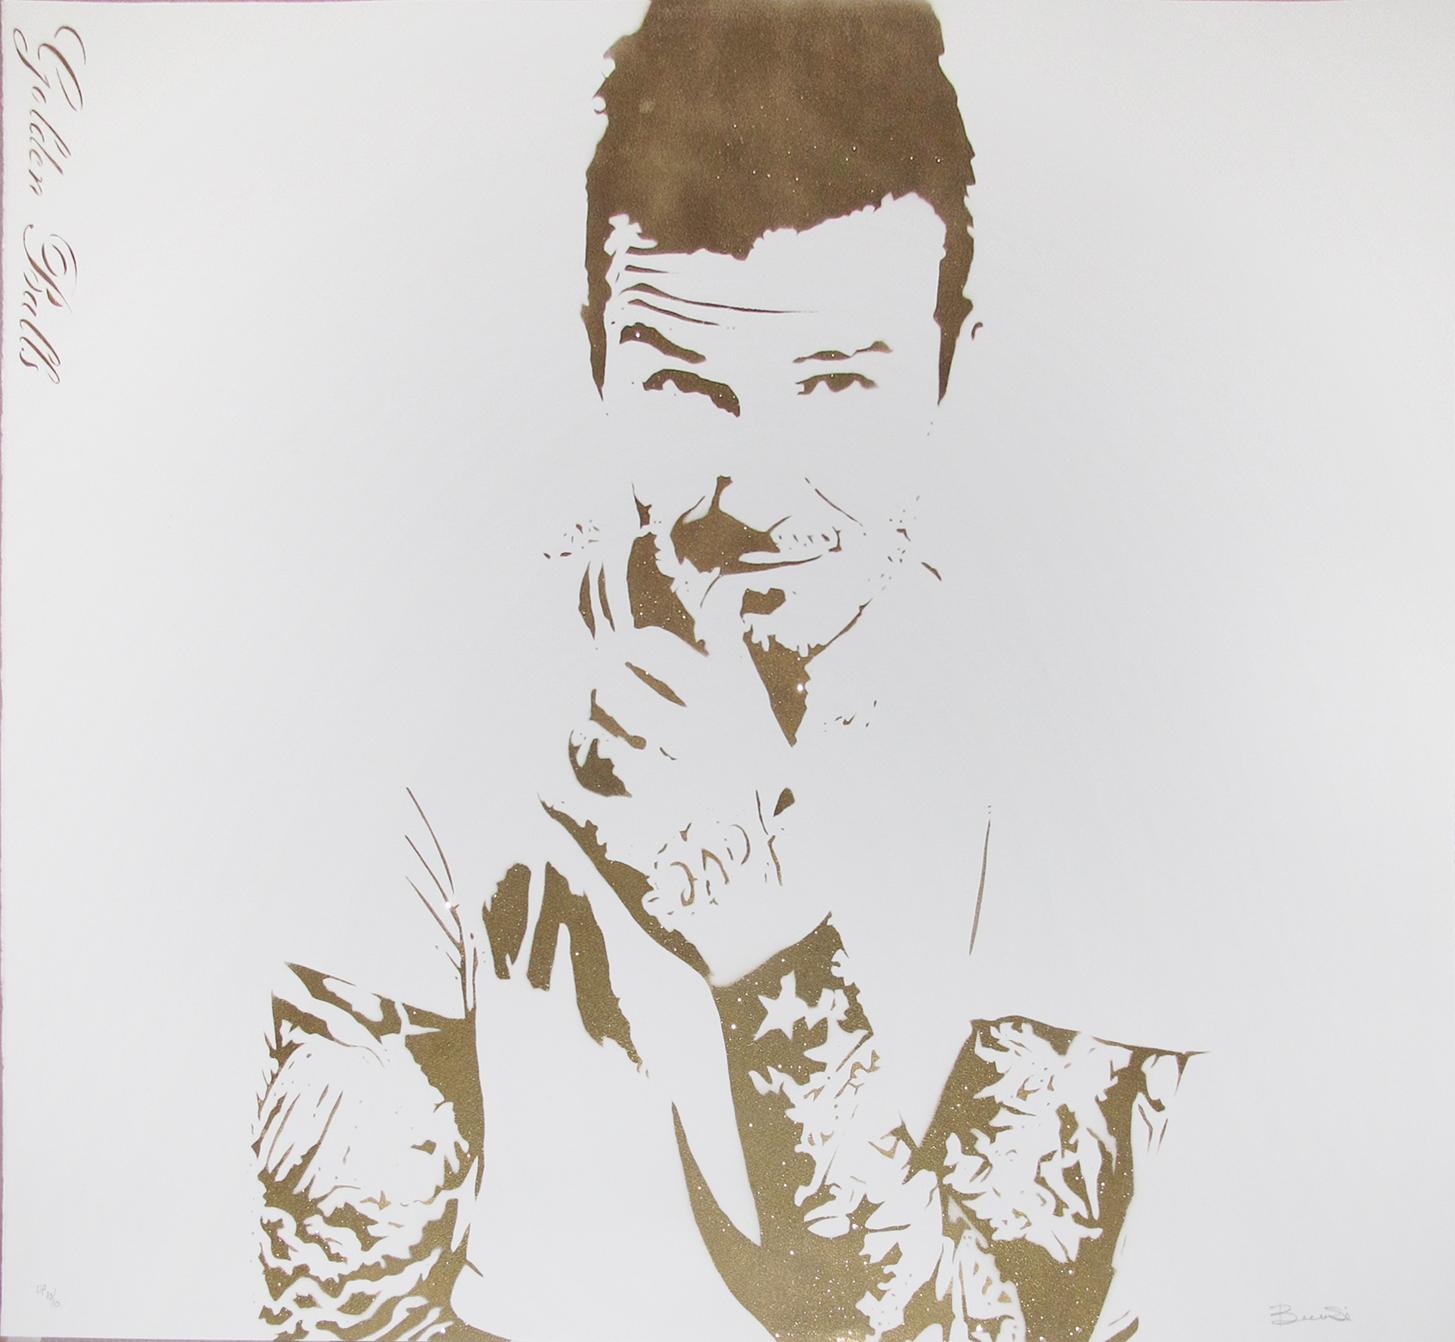 Bambi   Beckham Golden Balls   Image of Artists' work.